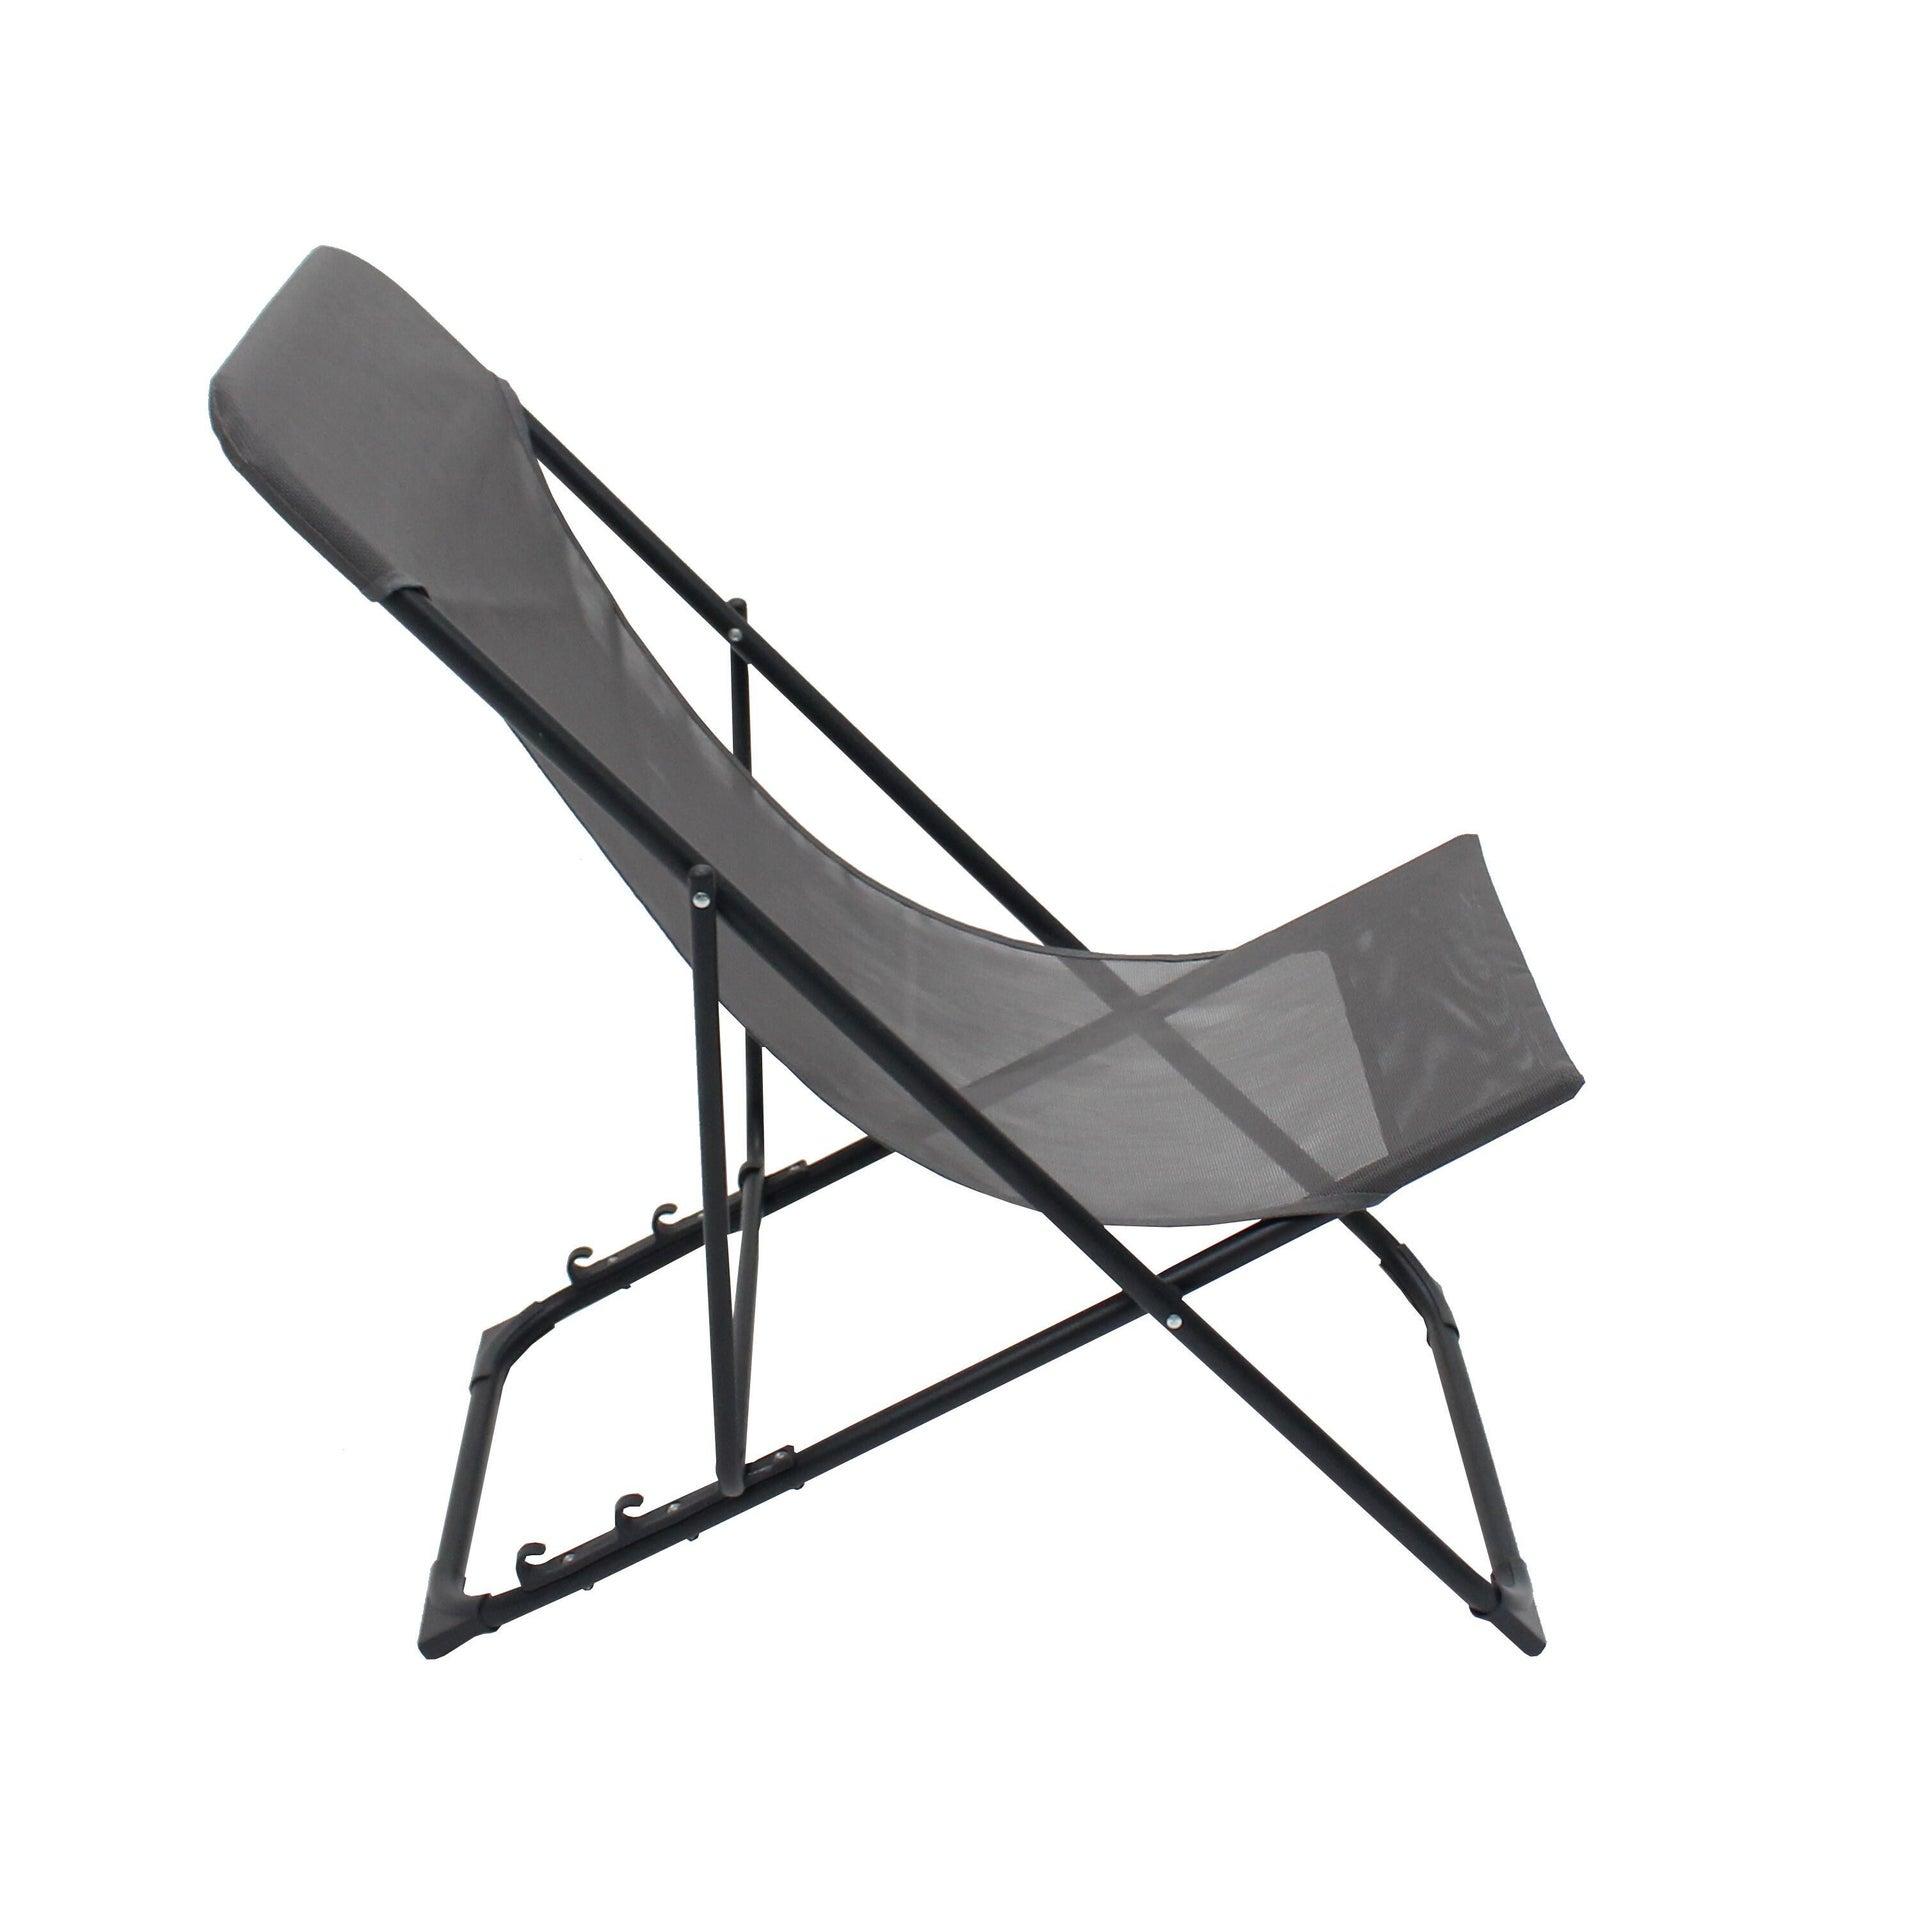 Sedia da giardino senza cuscino pieghevole in acciaio Biganos colore antracite - 1